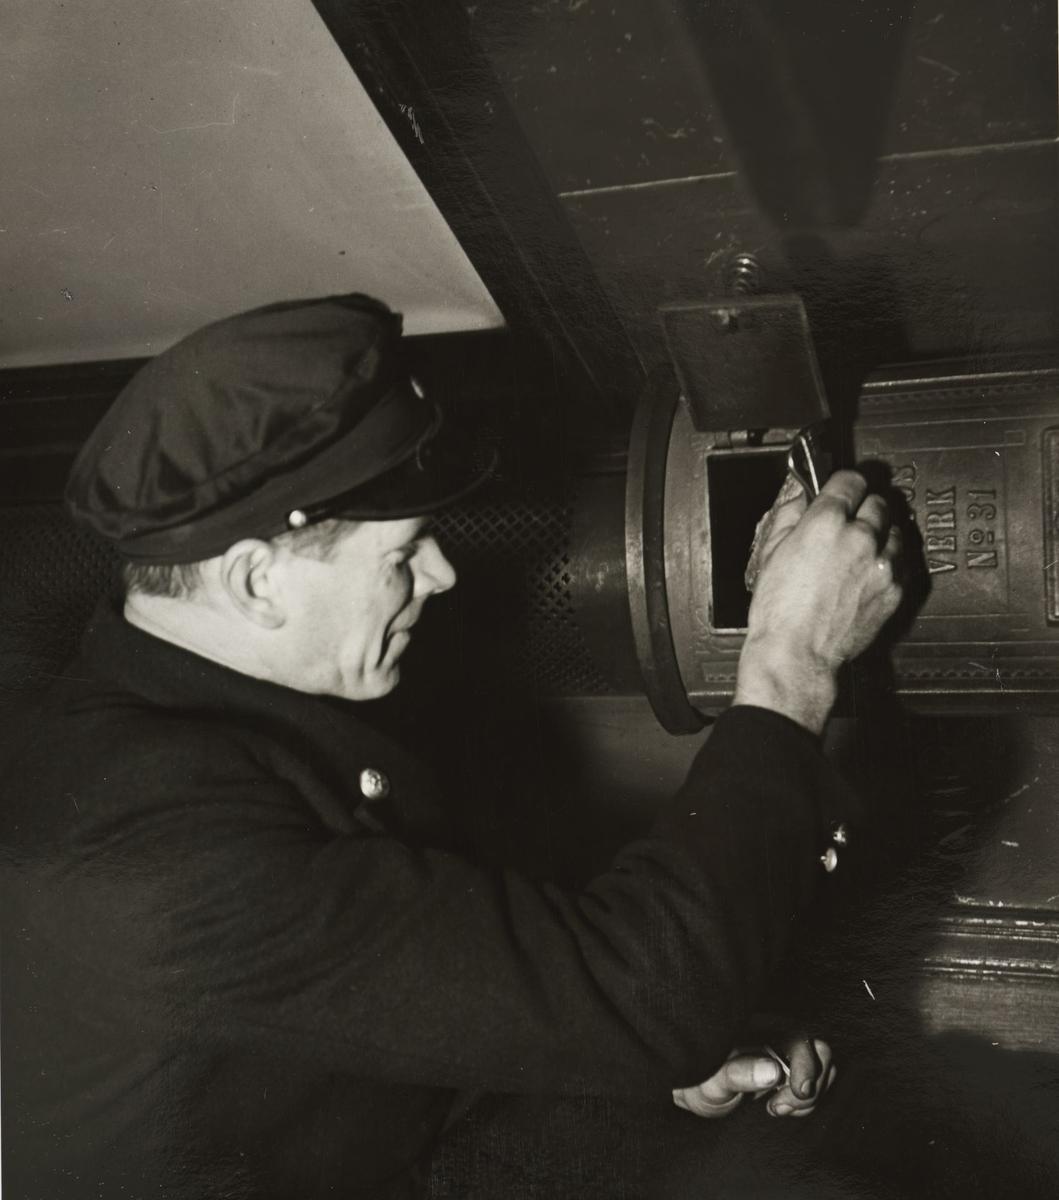 Vogn BCDo7 - interiør. Verkstedarbeider Johan Moseby fyrer i ovnen.